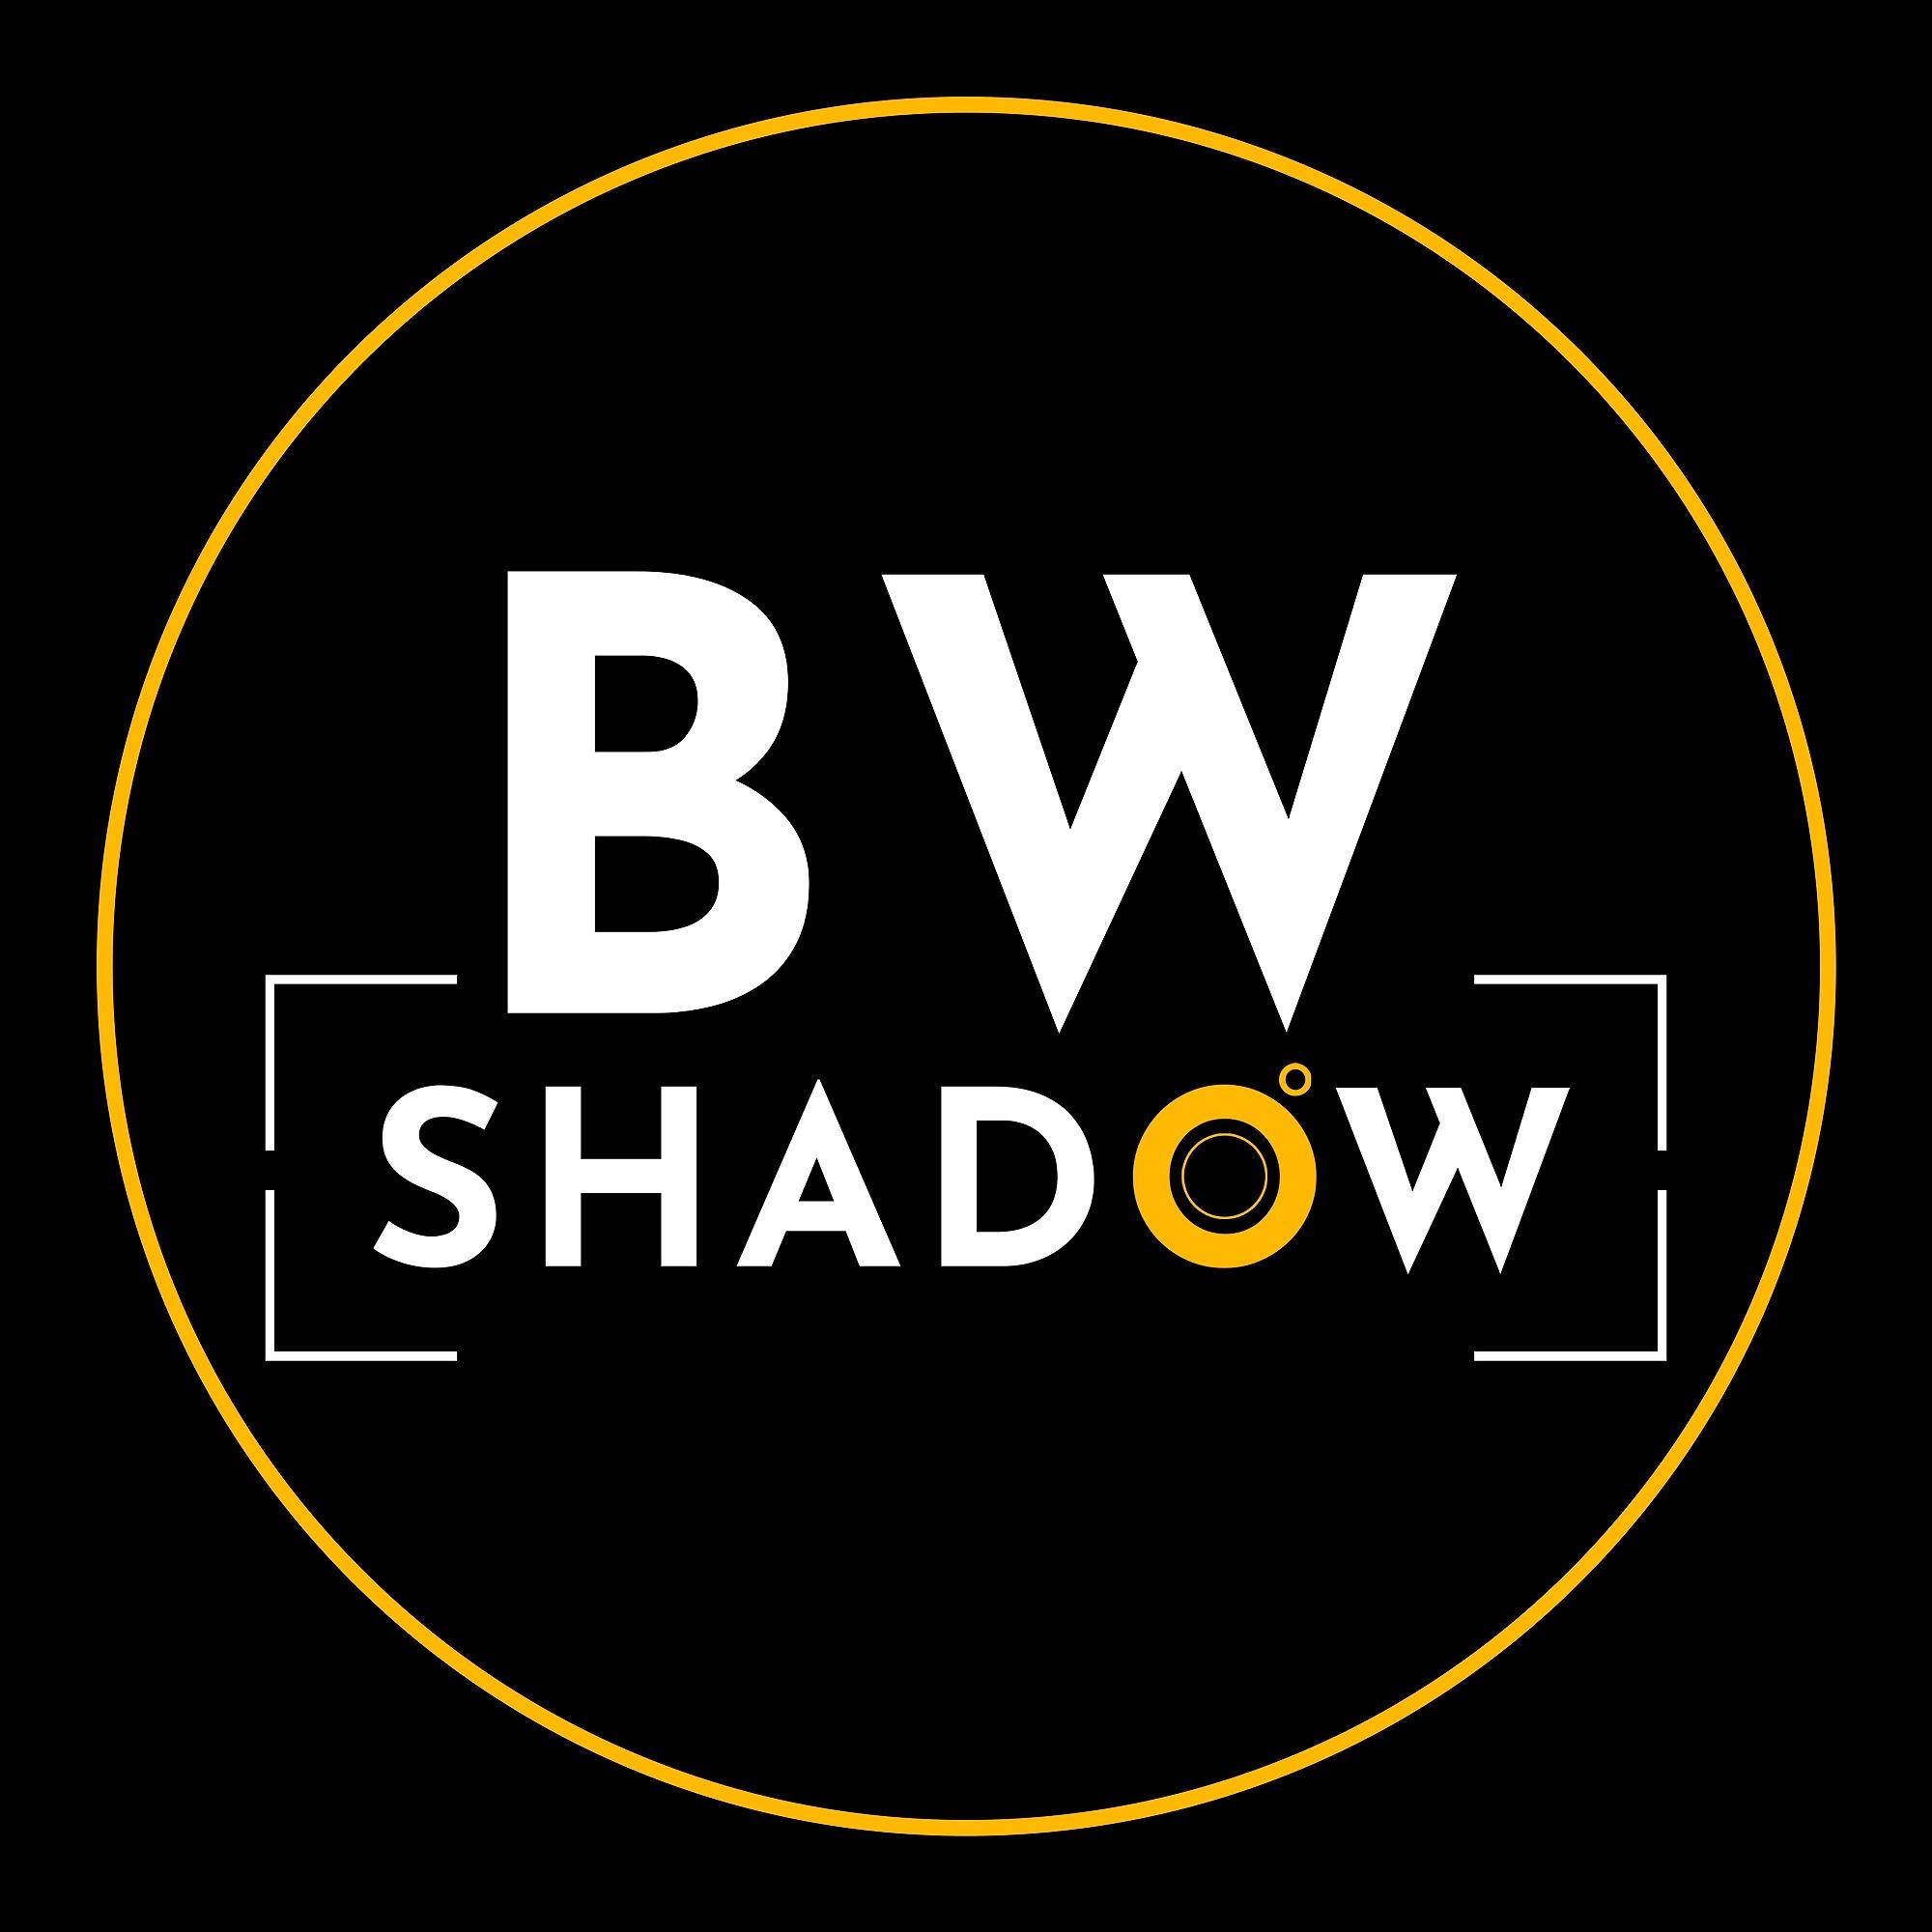 bwshadow